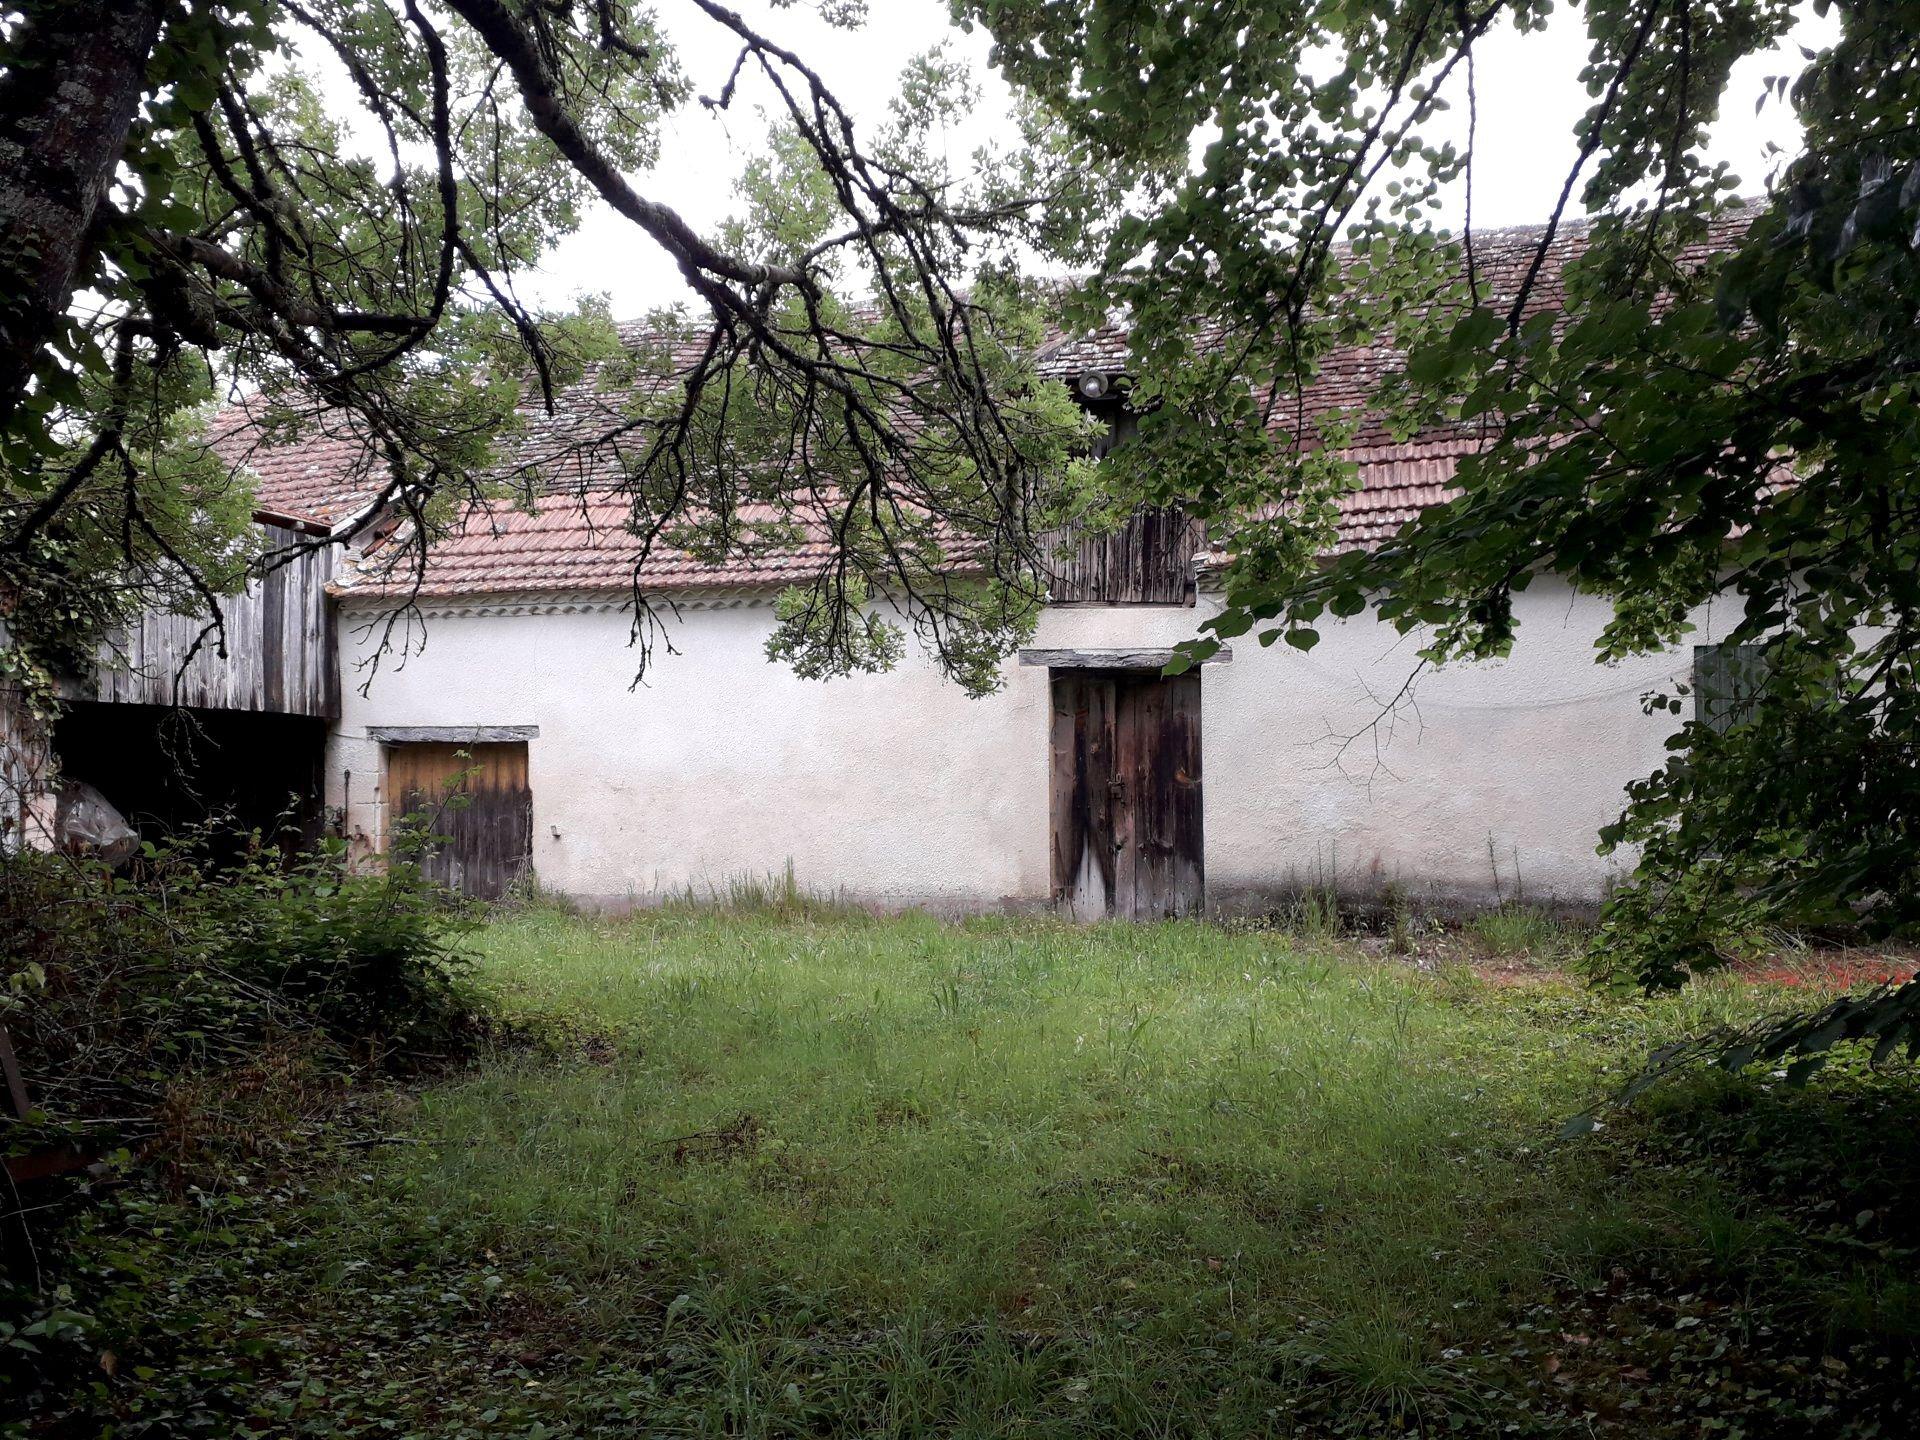 Ensemble immobilier sur une propriété agricole